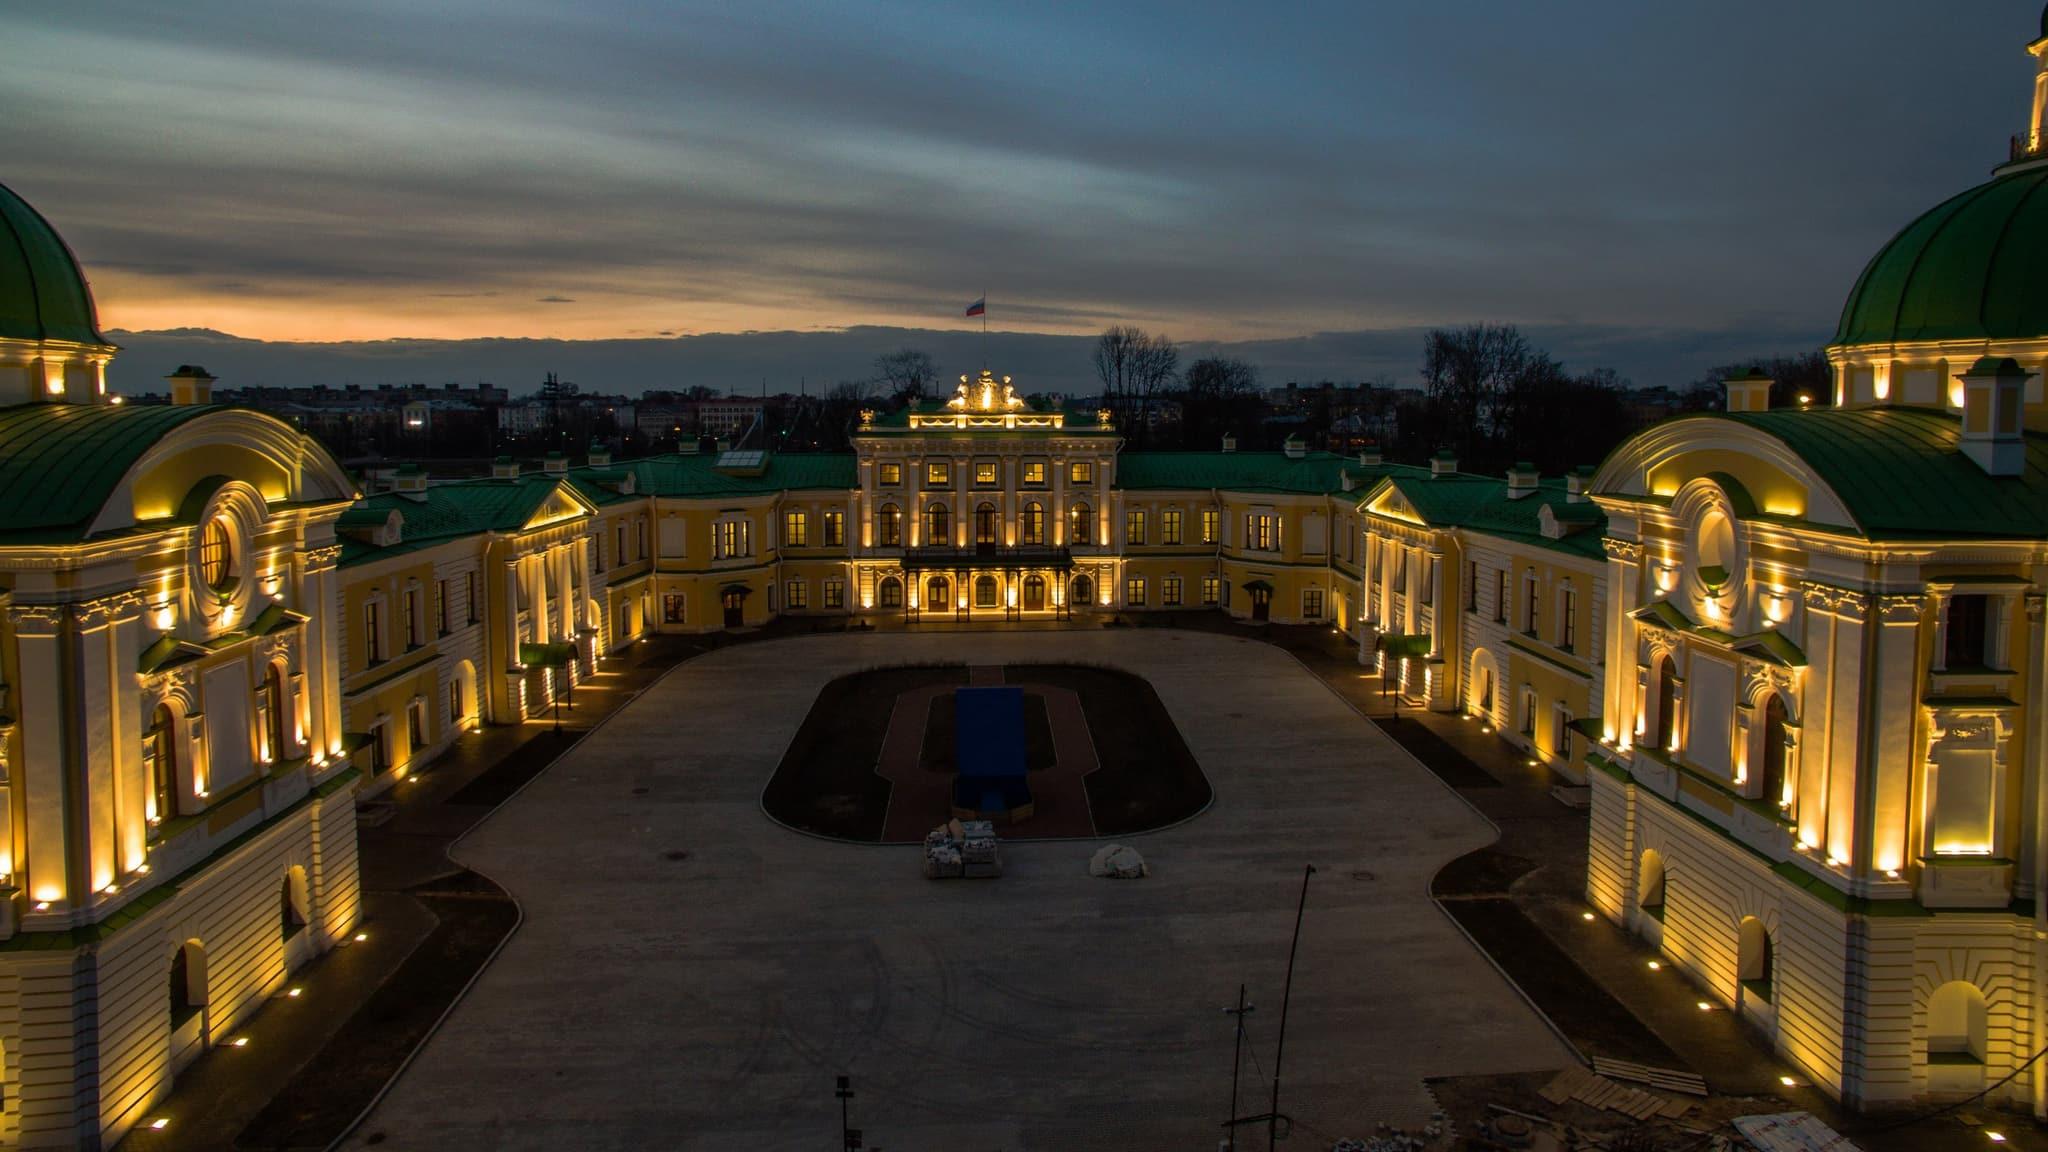 Тверская областная картинная галерея откроется для посетителей 1 июля - новости Афанасий